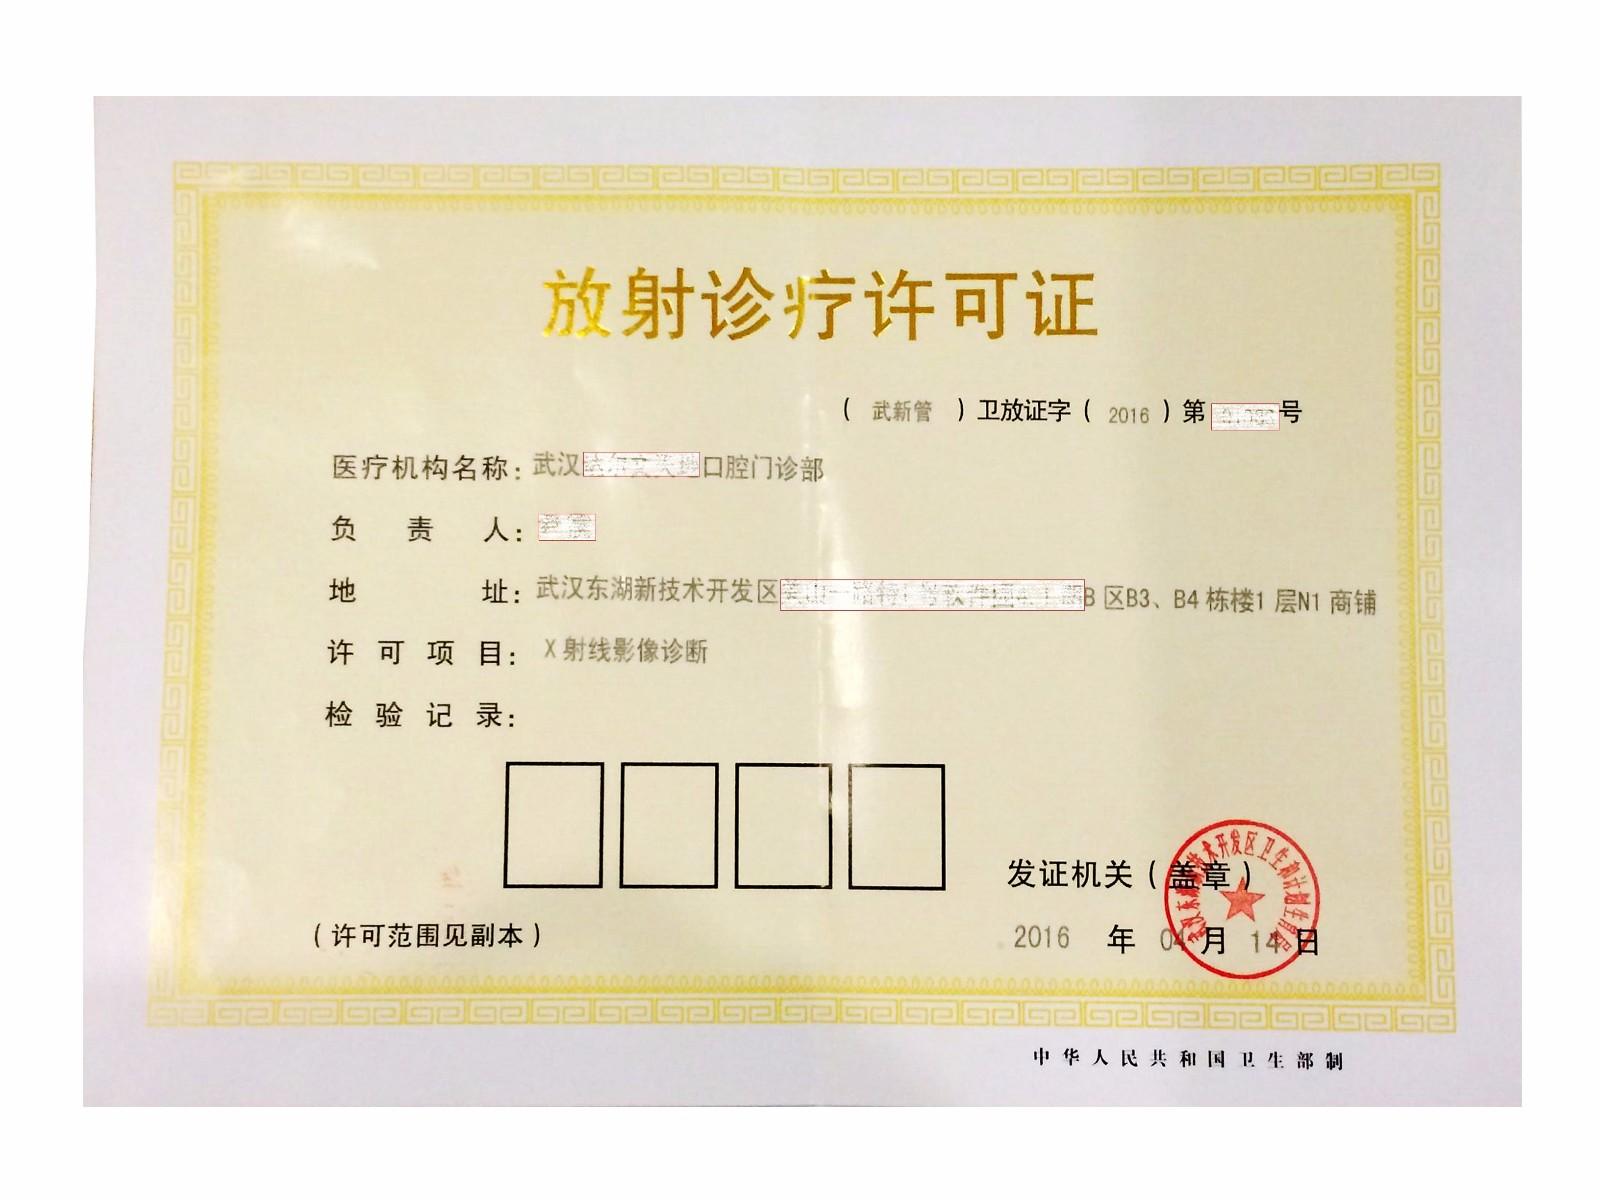 专业办理医疗机构许可证流程-汉口会议室出租哪里有-达尔文口腔医疗管理(武汉)股份有限公司